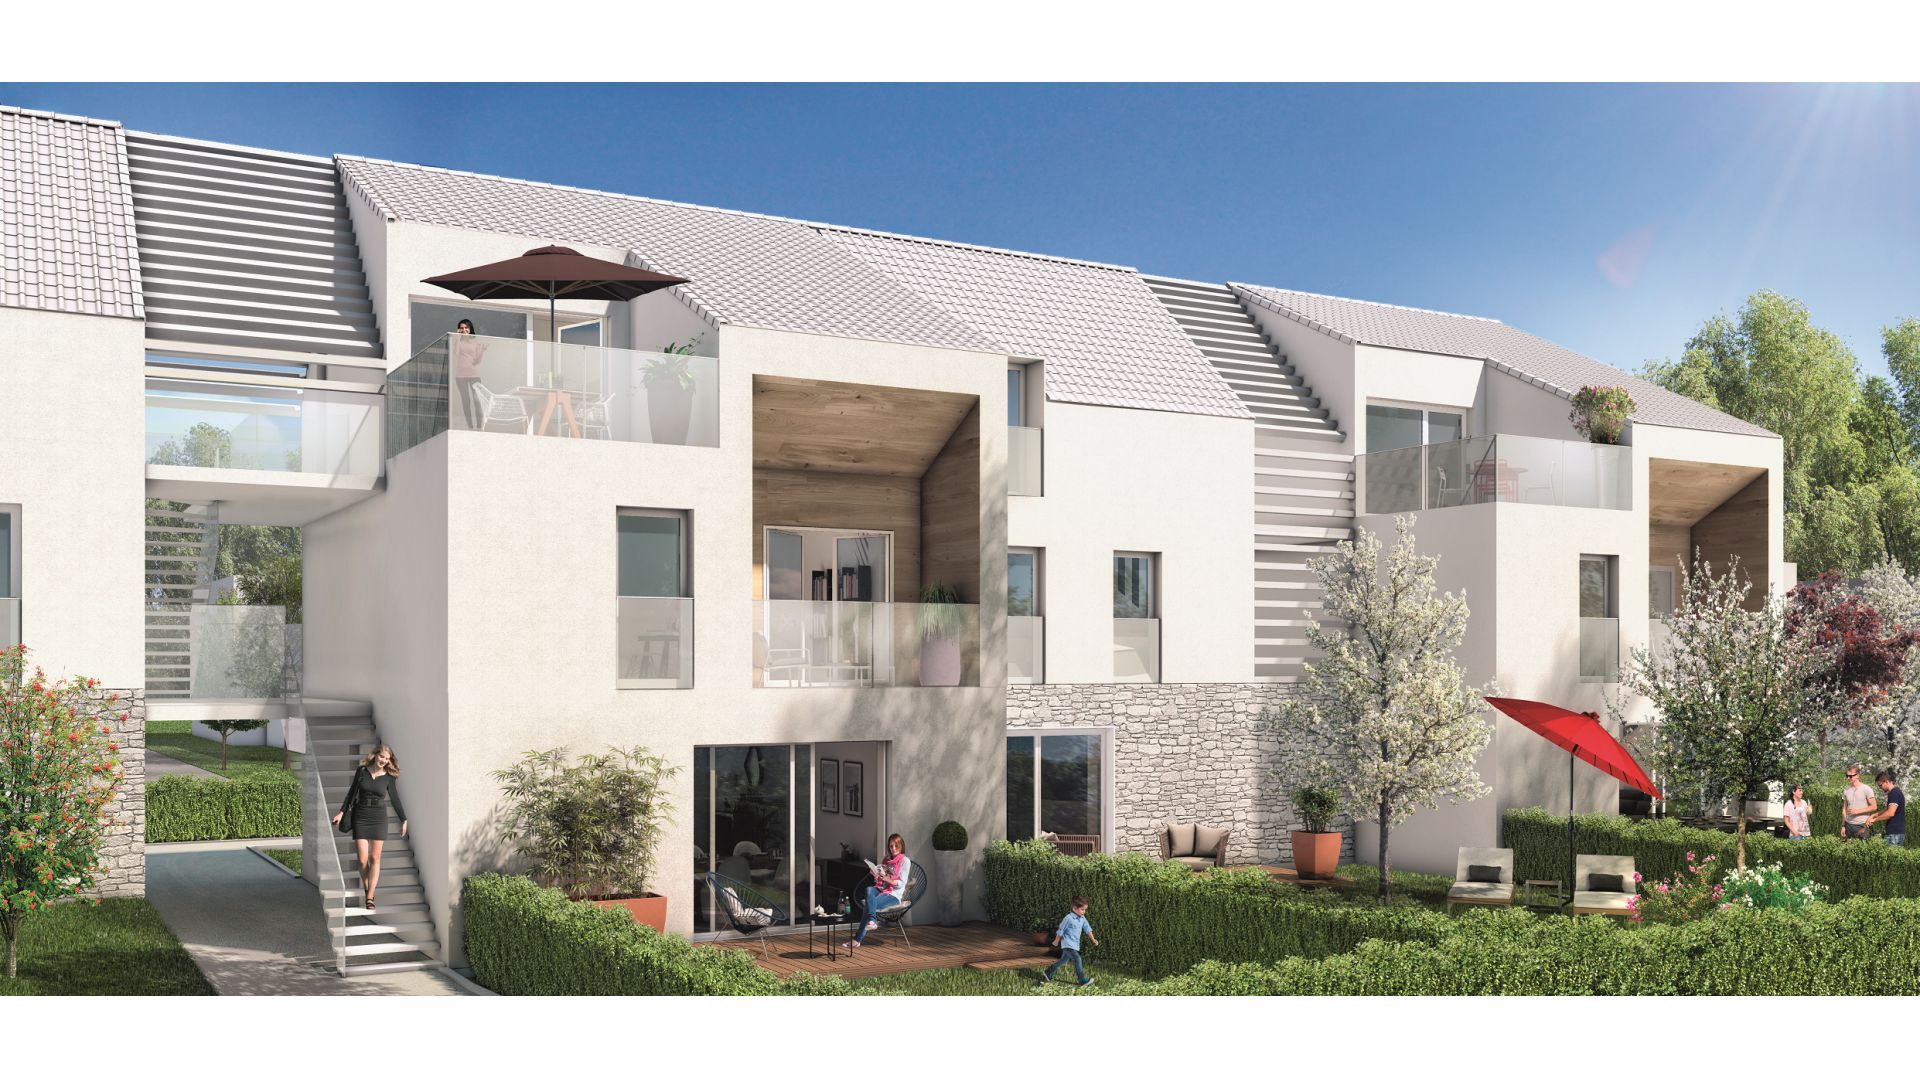 GreenCity immobilier - achat appartements neuf - Boissy saint léger 94470 - Résidence Val des Chênes - vue rue